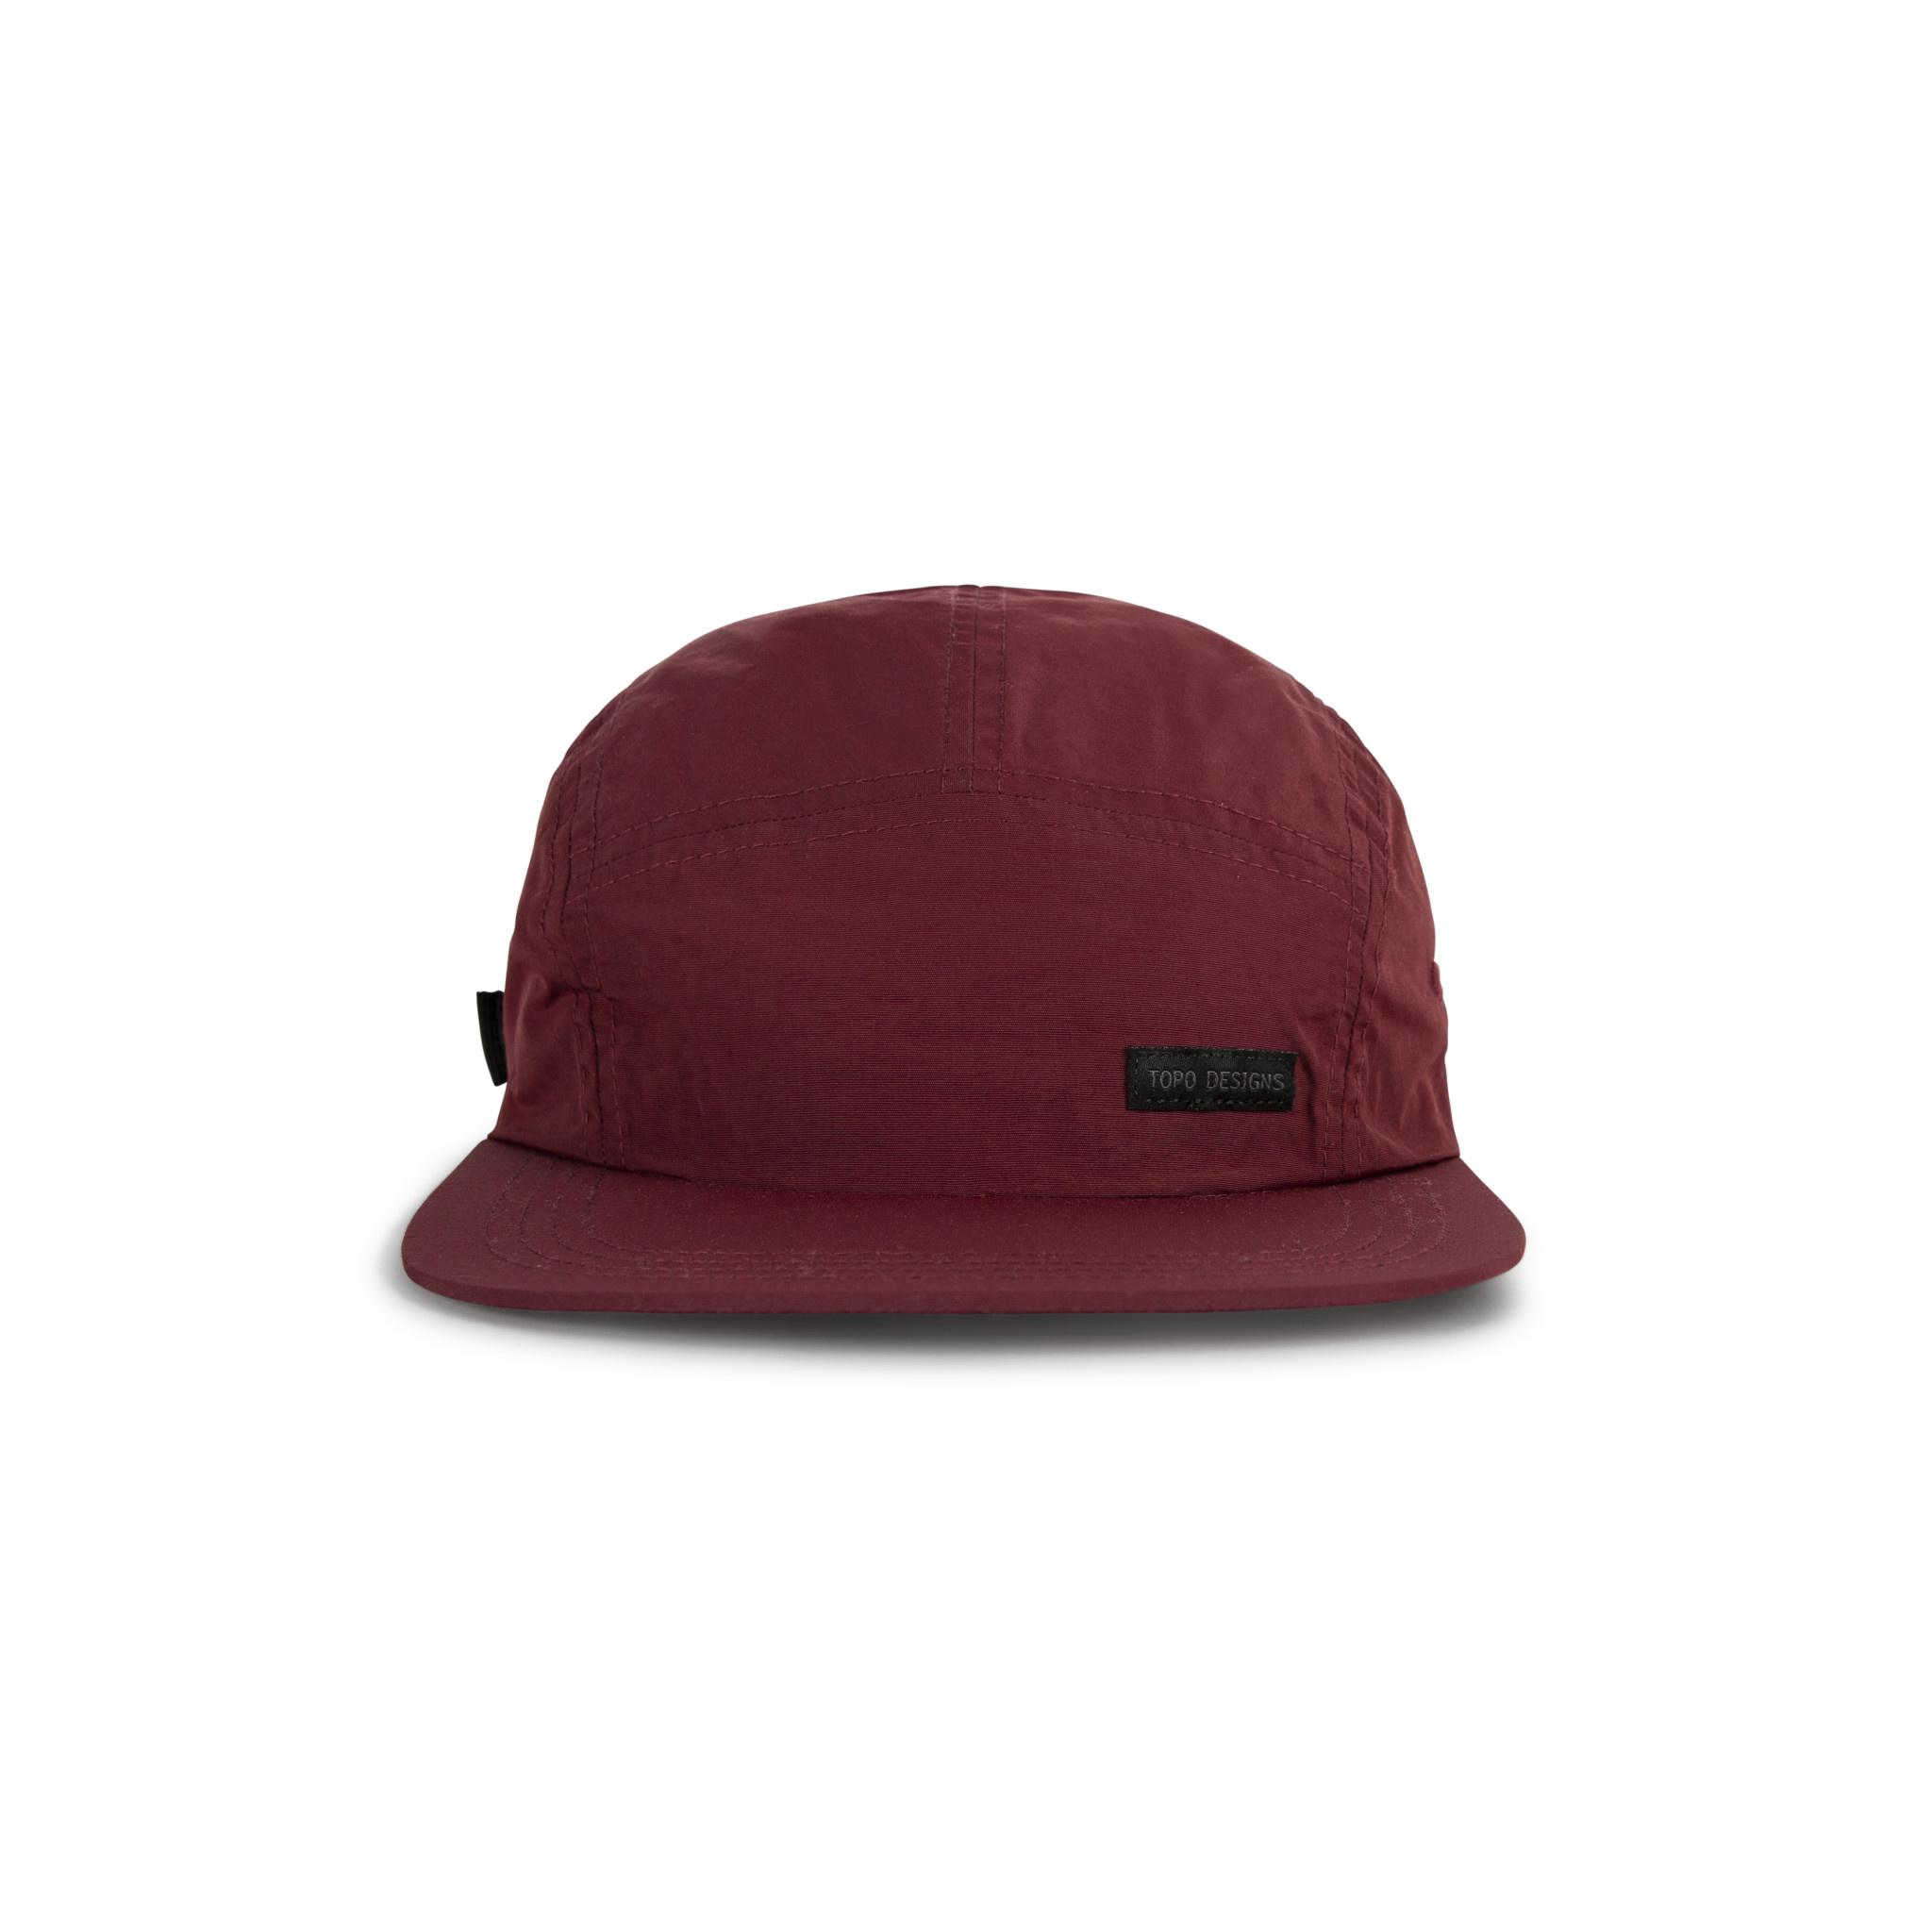 Topo Designs Topo Designs Nylon Camp Hat - Maroon